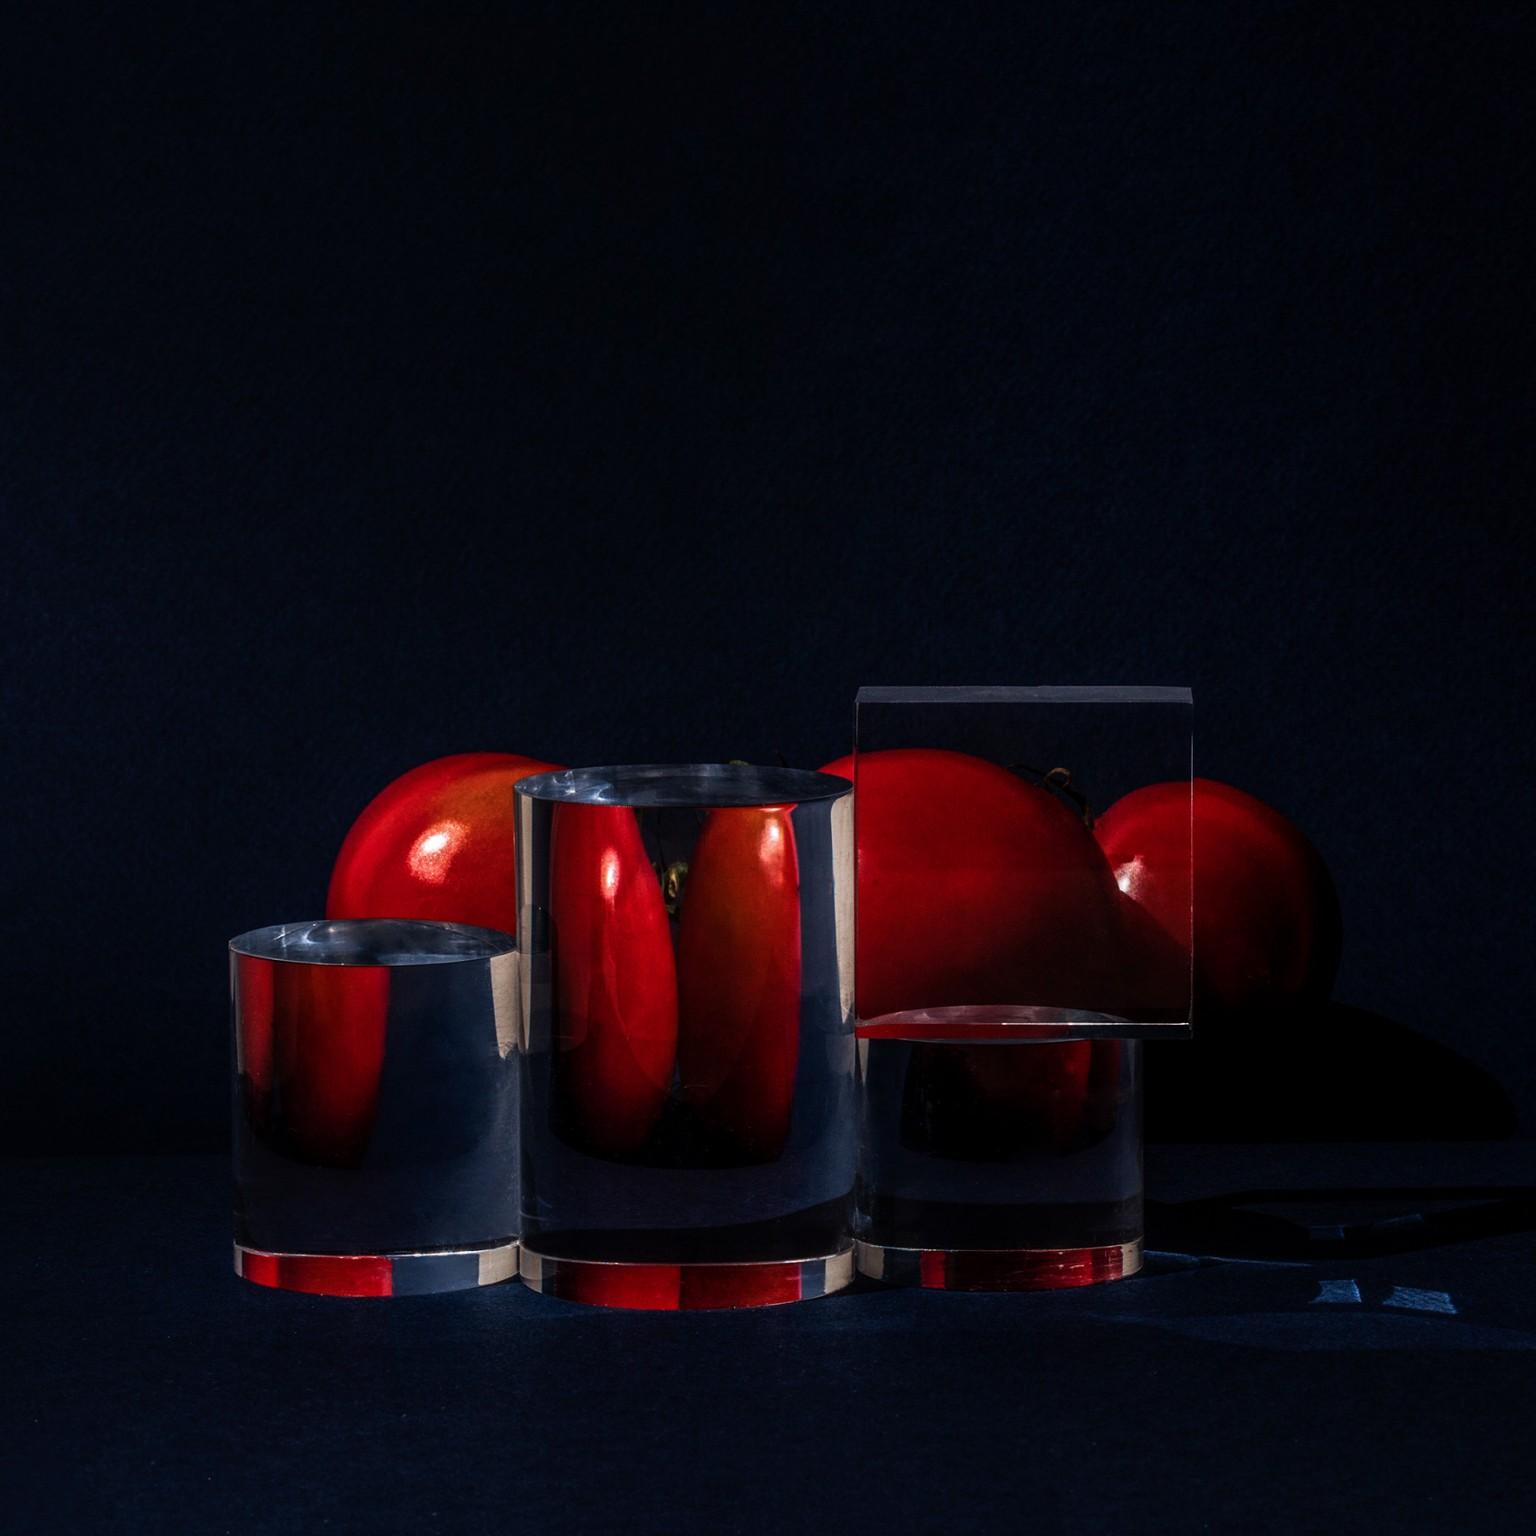 Perspective, le fotografie distorte di Suzanne Saroff   Collater.al 7